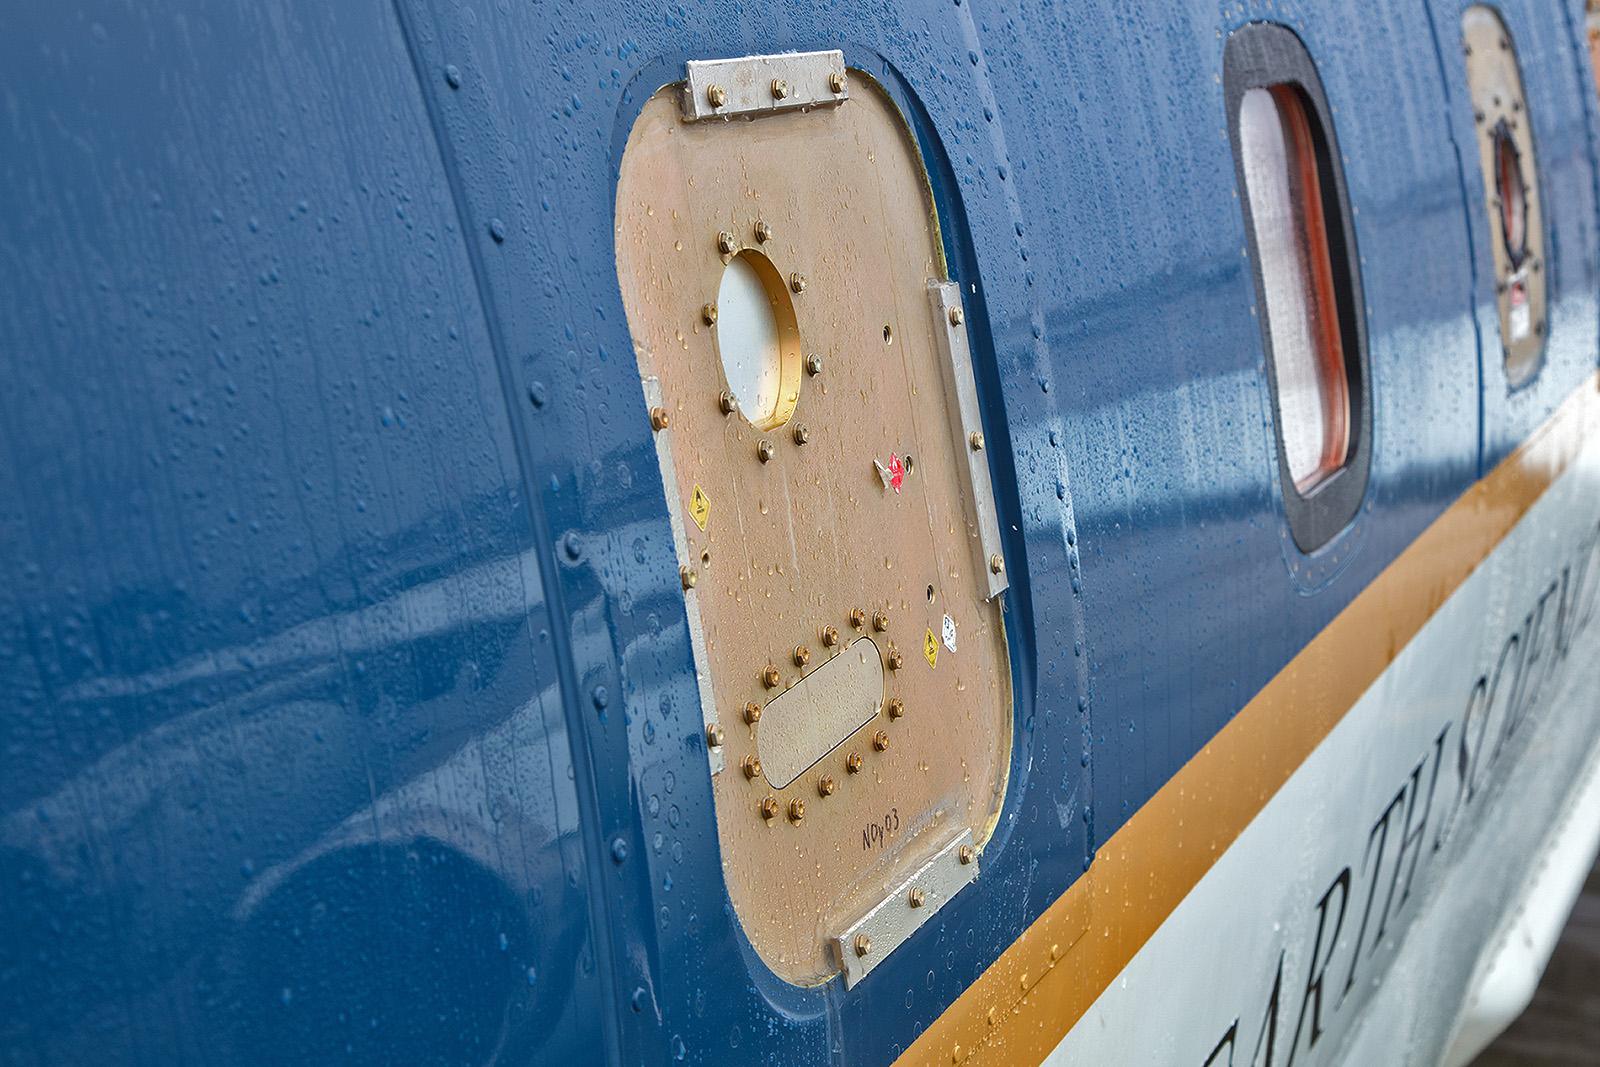 An einigen Fenstern ist das Glas gegen diese Platten ausgetauscht, hier können Sensoren verbaut werden.